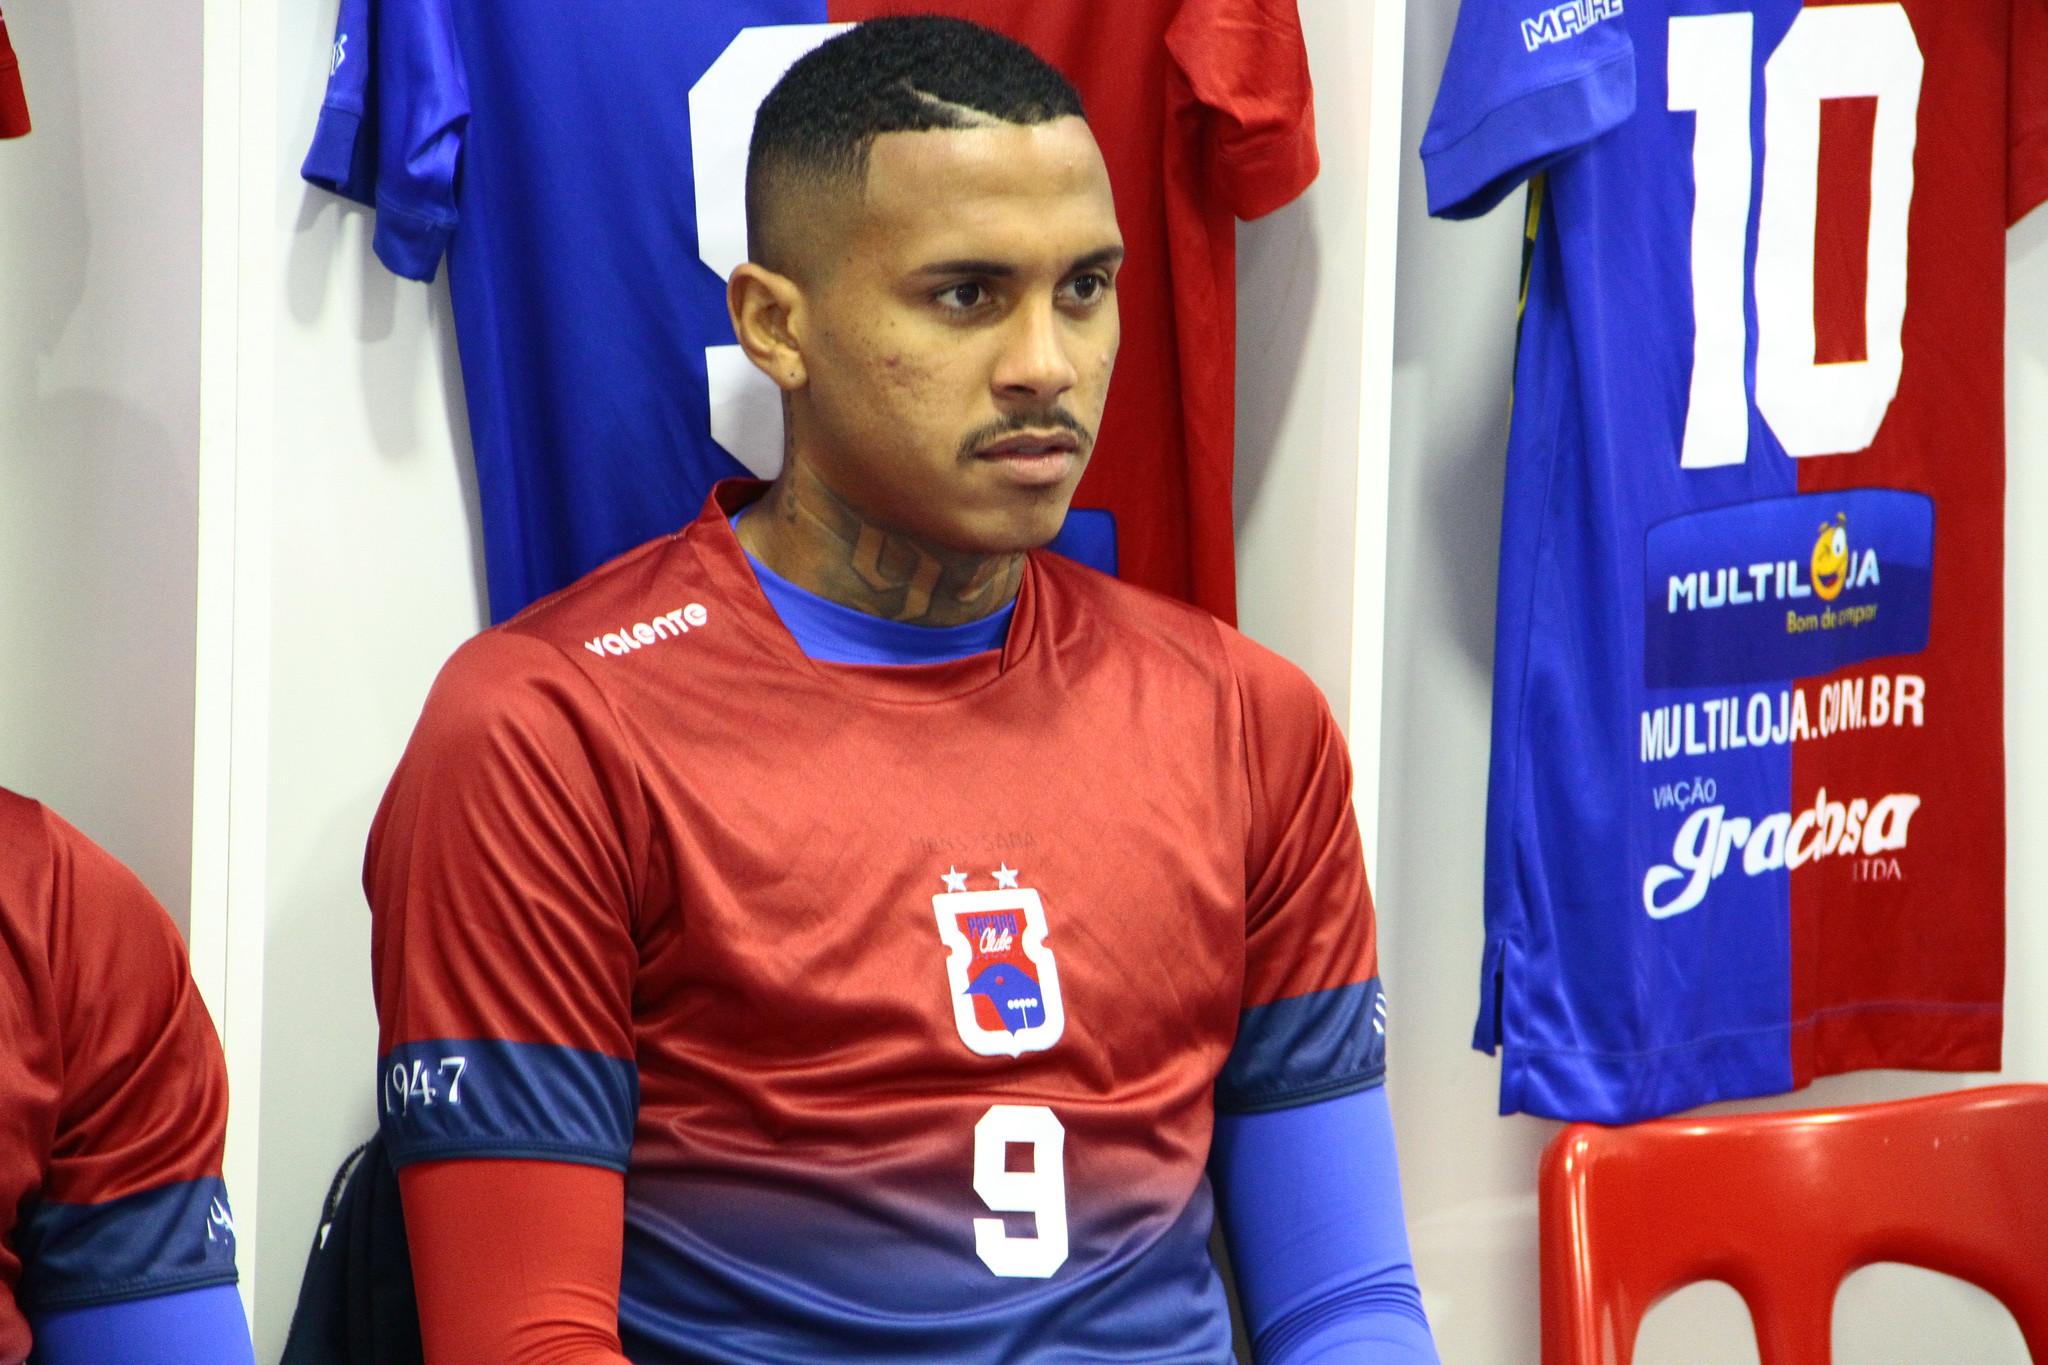 Da Silva marcou apenas um gol pelo Paraná. Foto: Allexandre Fellipe/Paraná Clube.